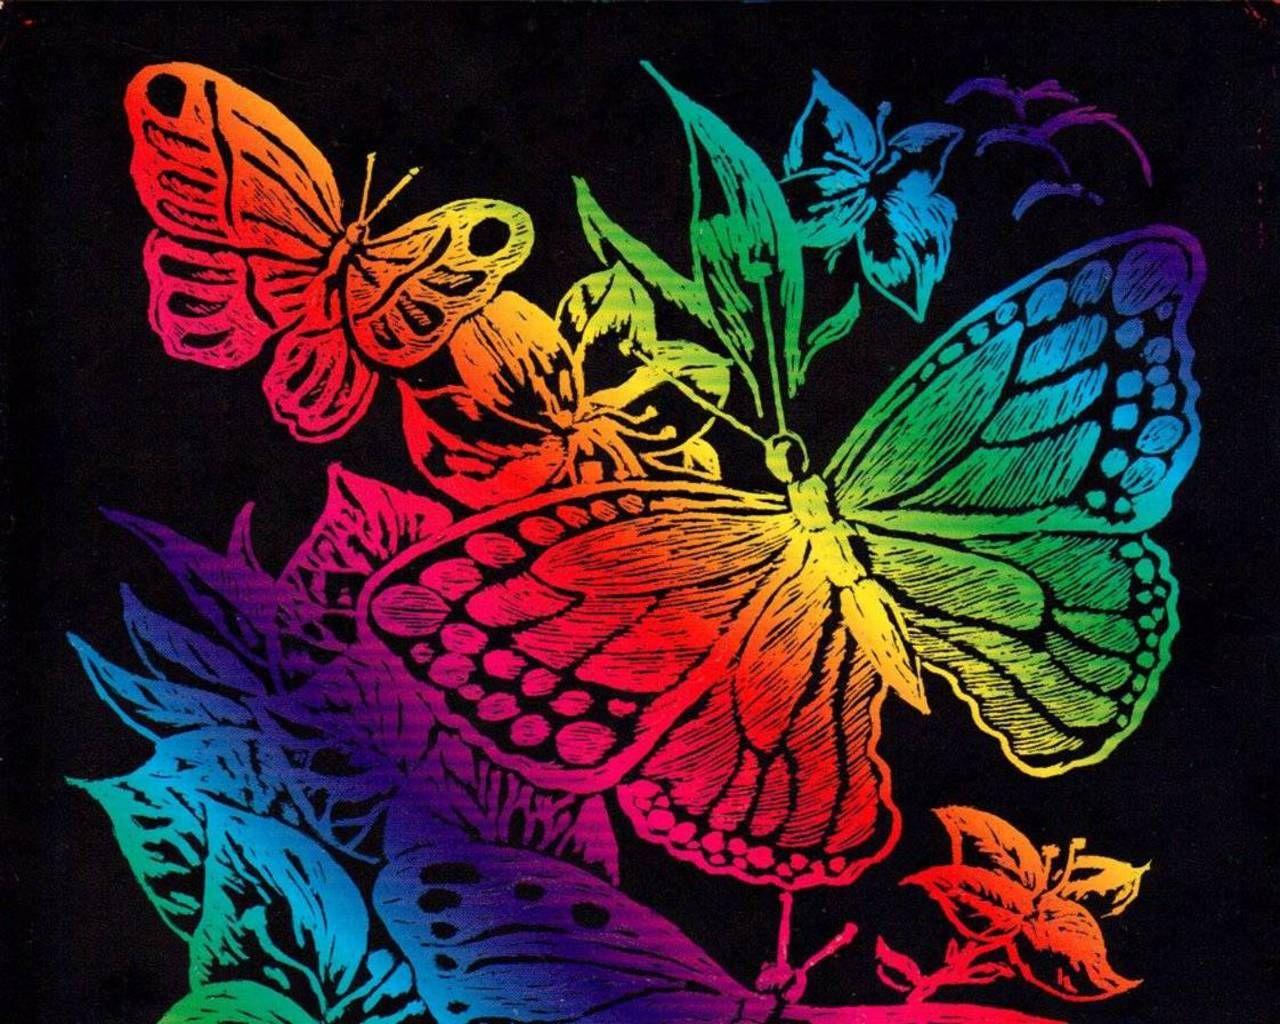 Butterfly Wallpaper Rainbow Butterfly Wallpaper Hd: Butterflies Rainbow Butterfly Free Wallpaper